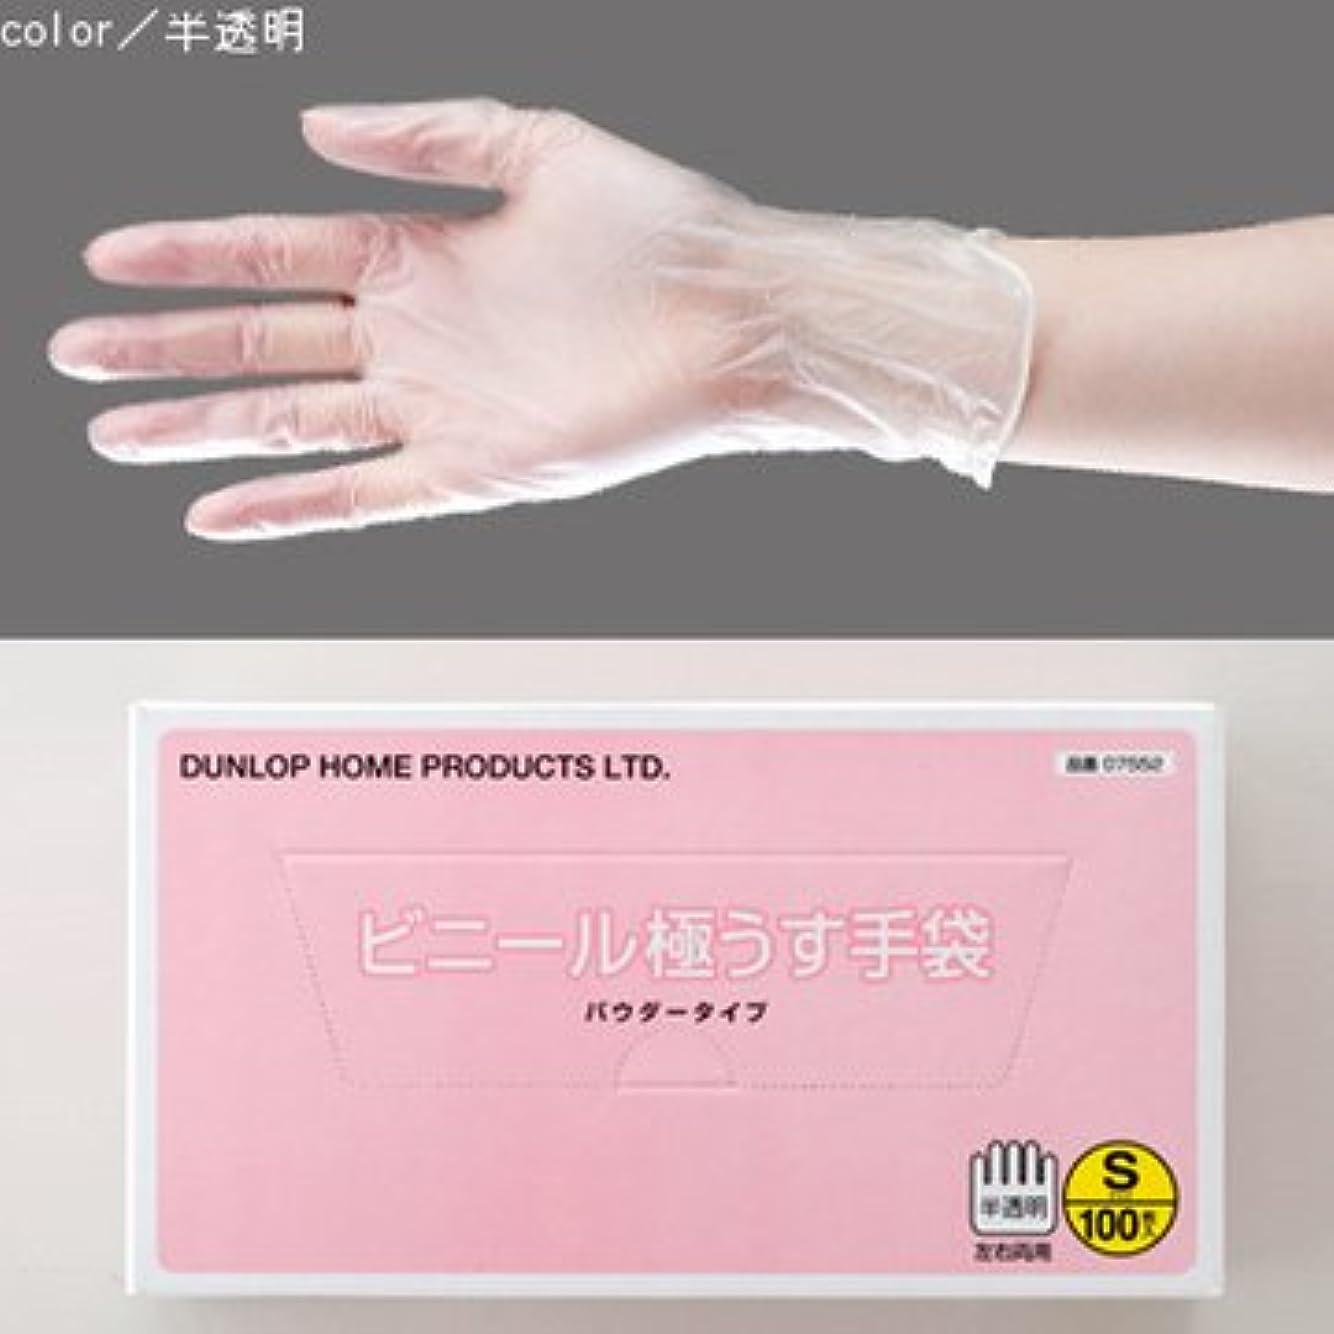 不透明な私たちフェードビニール極うす手袋 100枚入 (M)